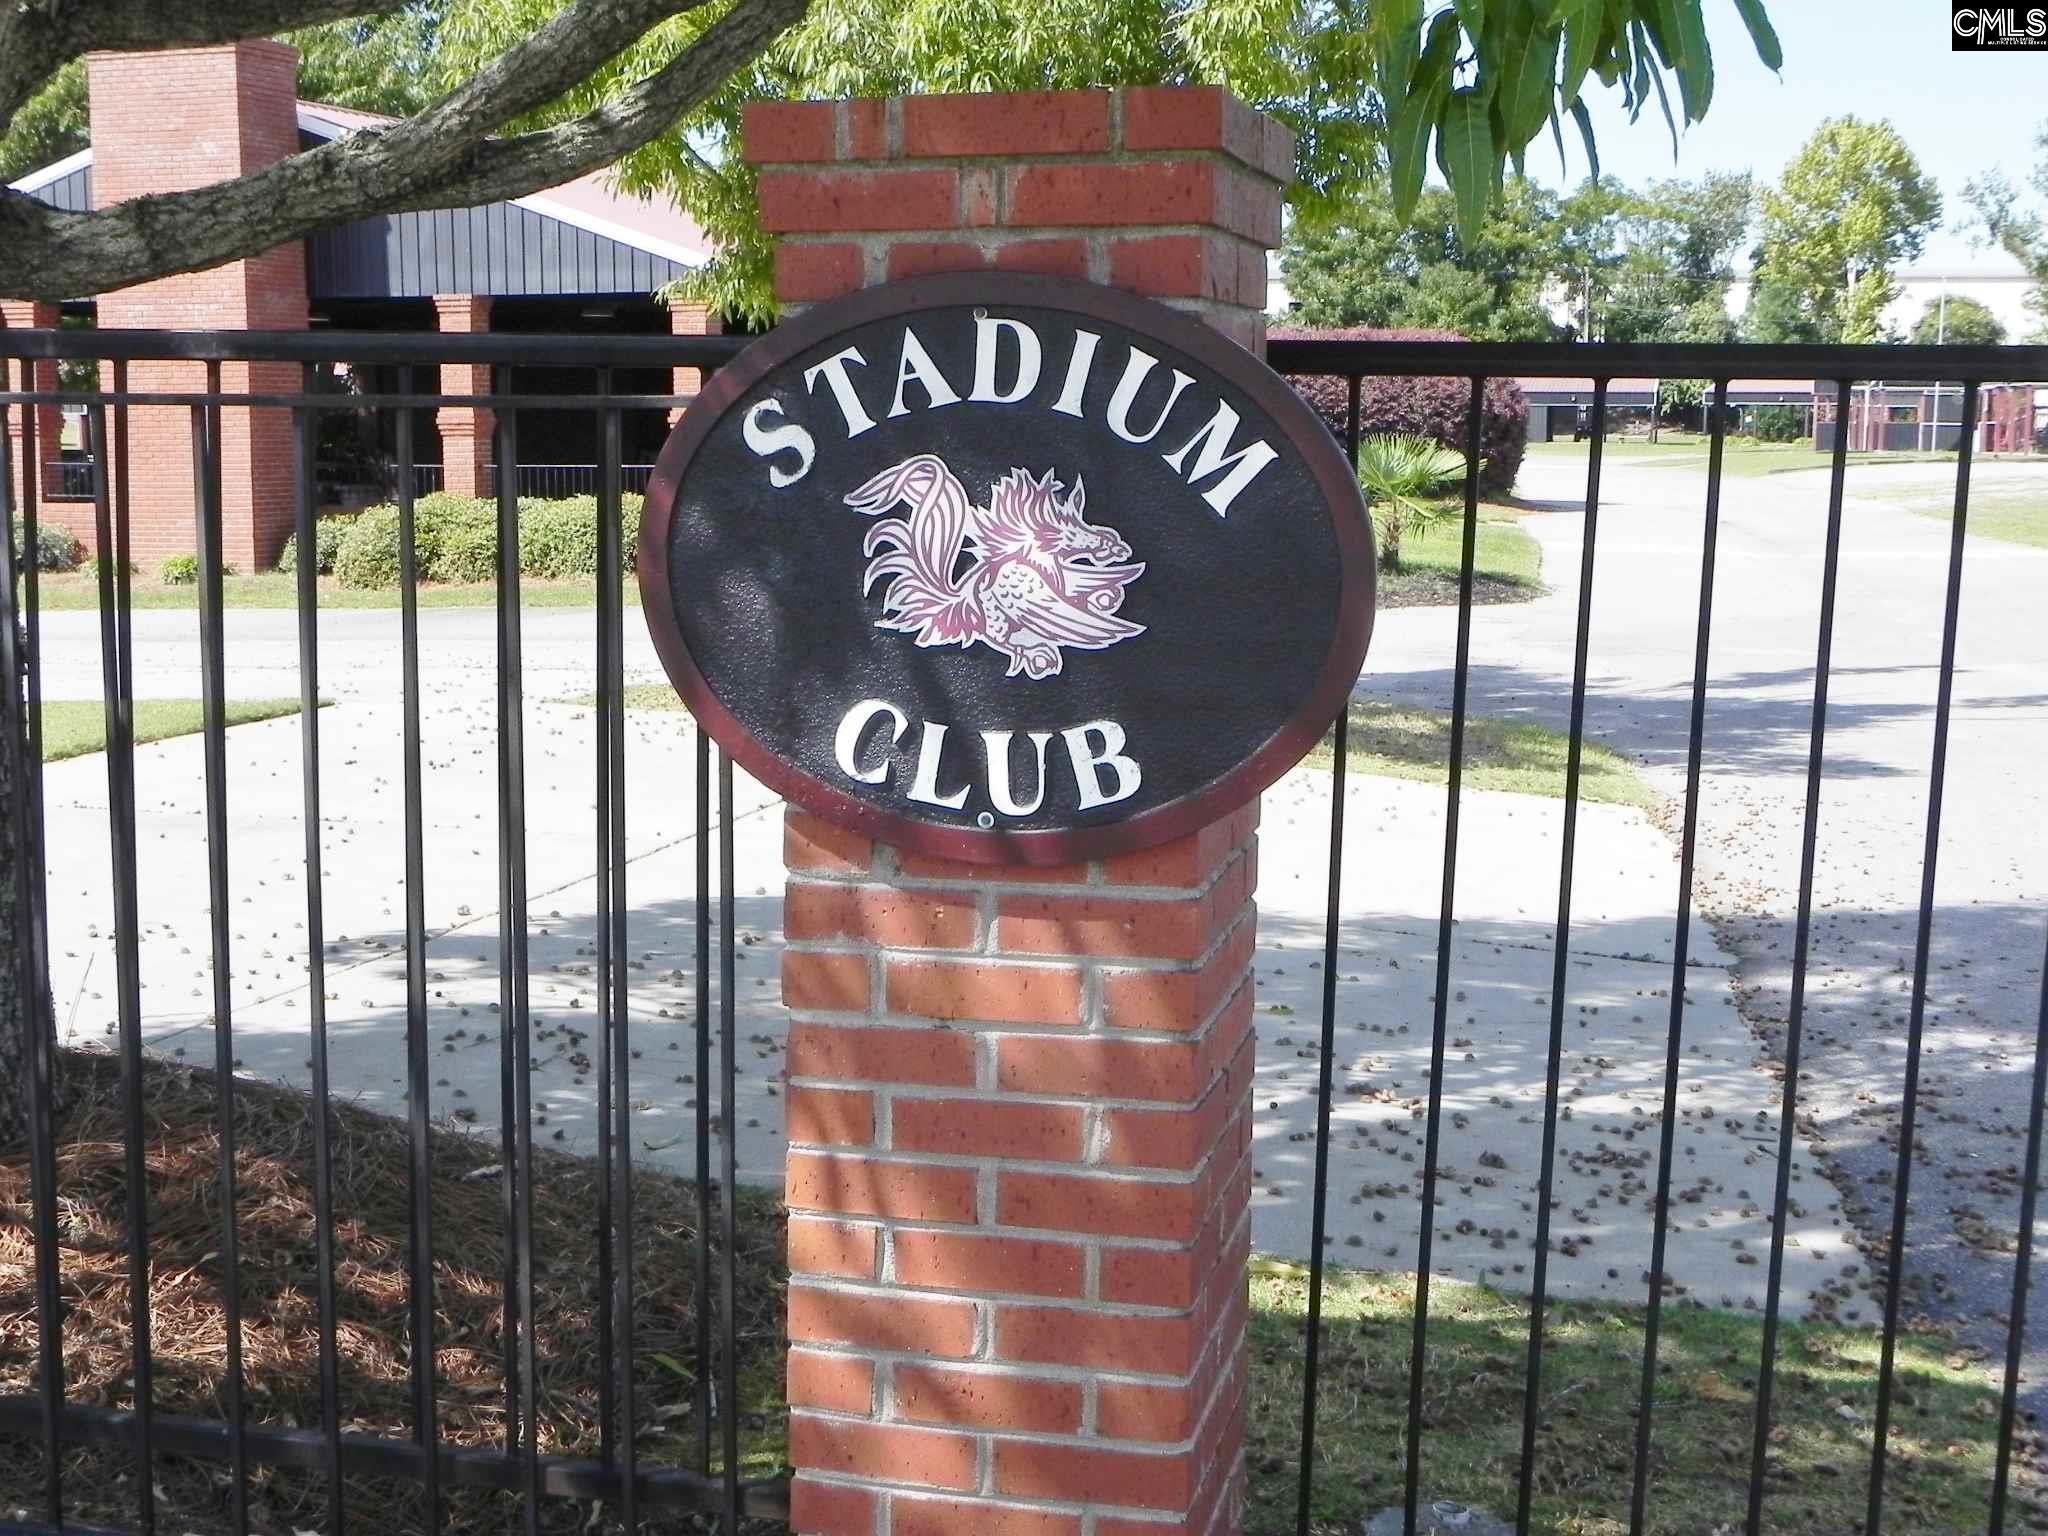 8 S Stadium Columbia, SC 29201